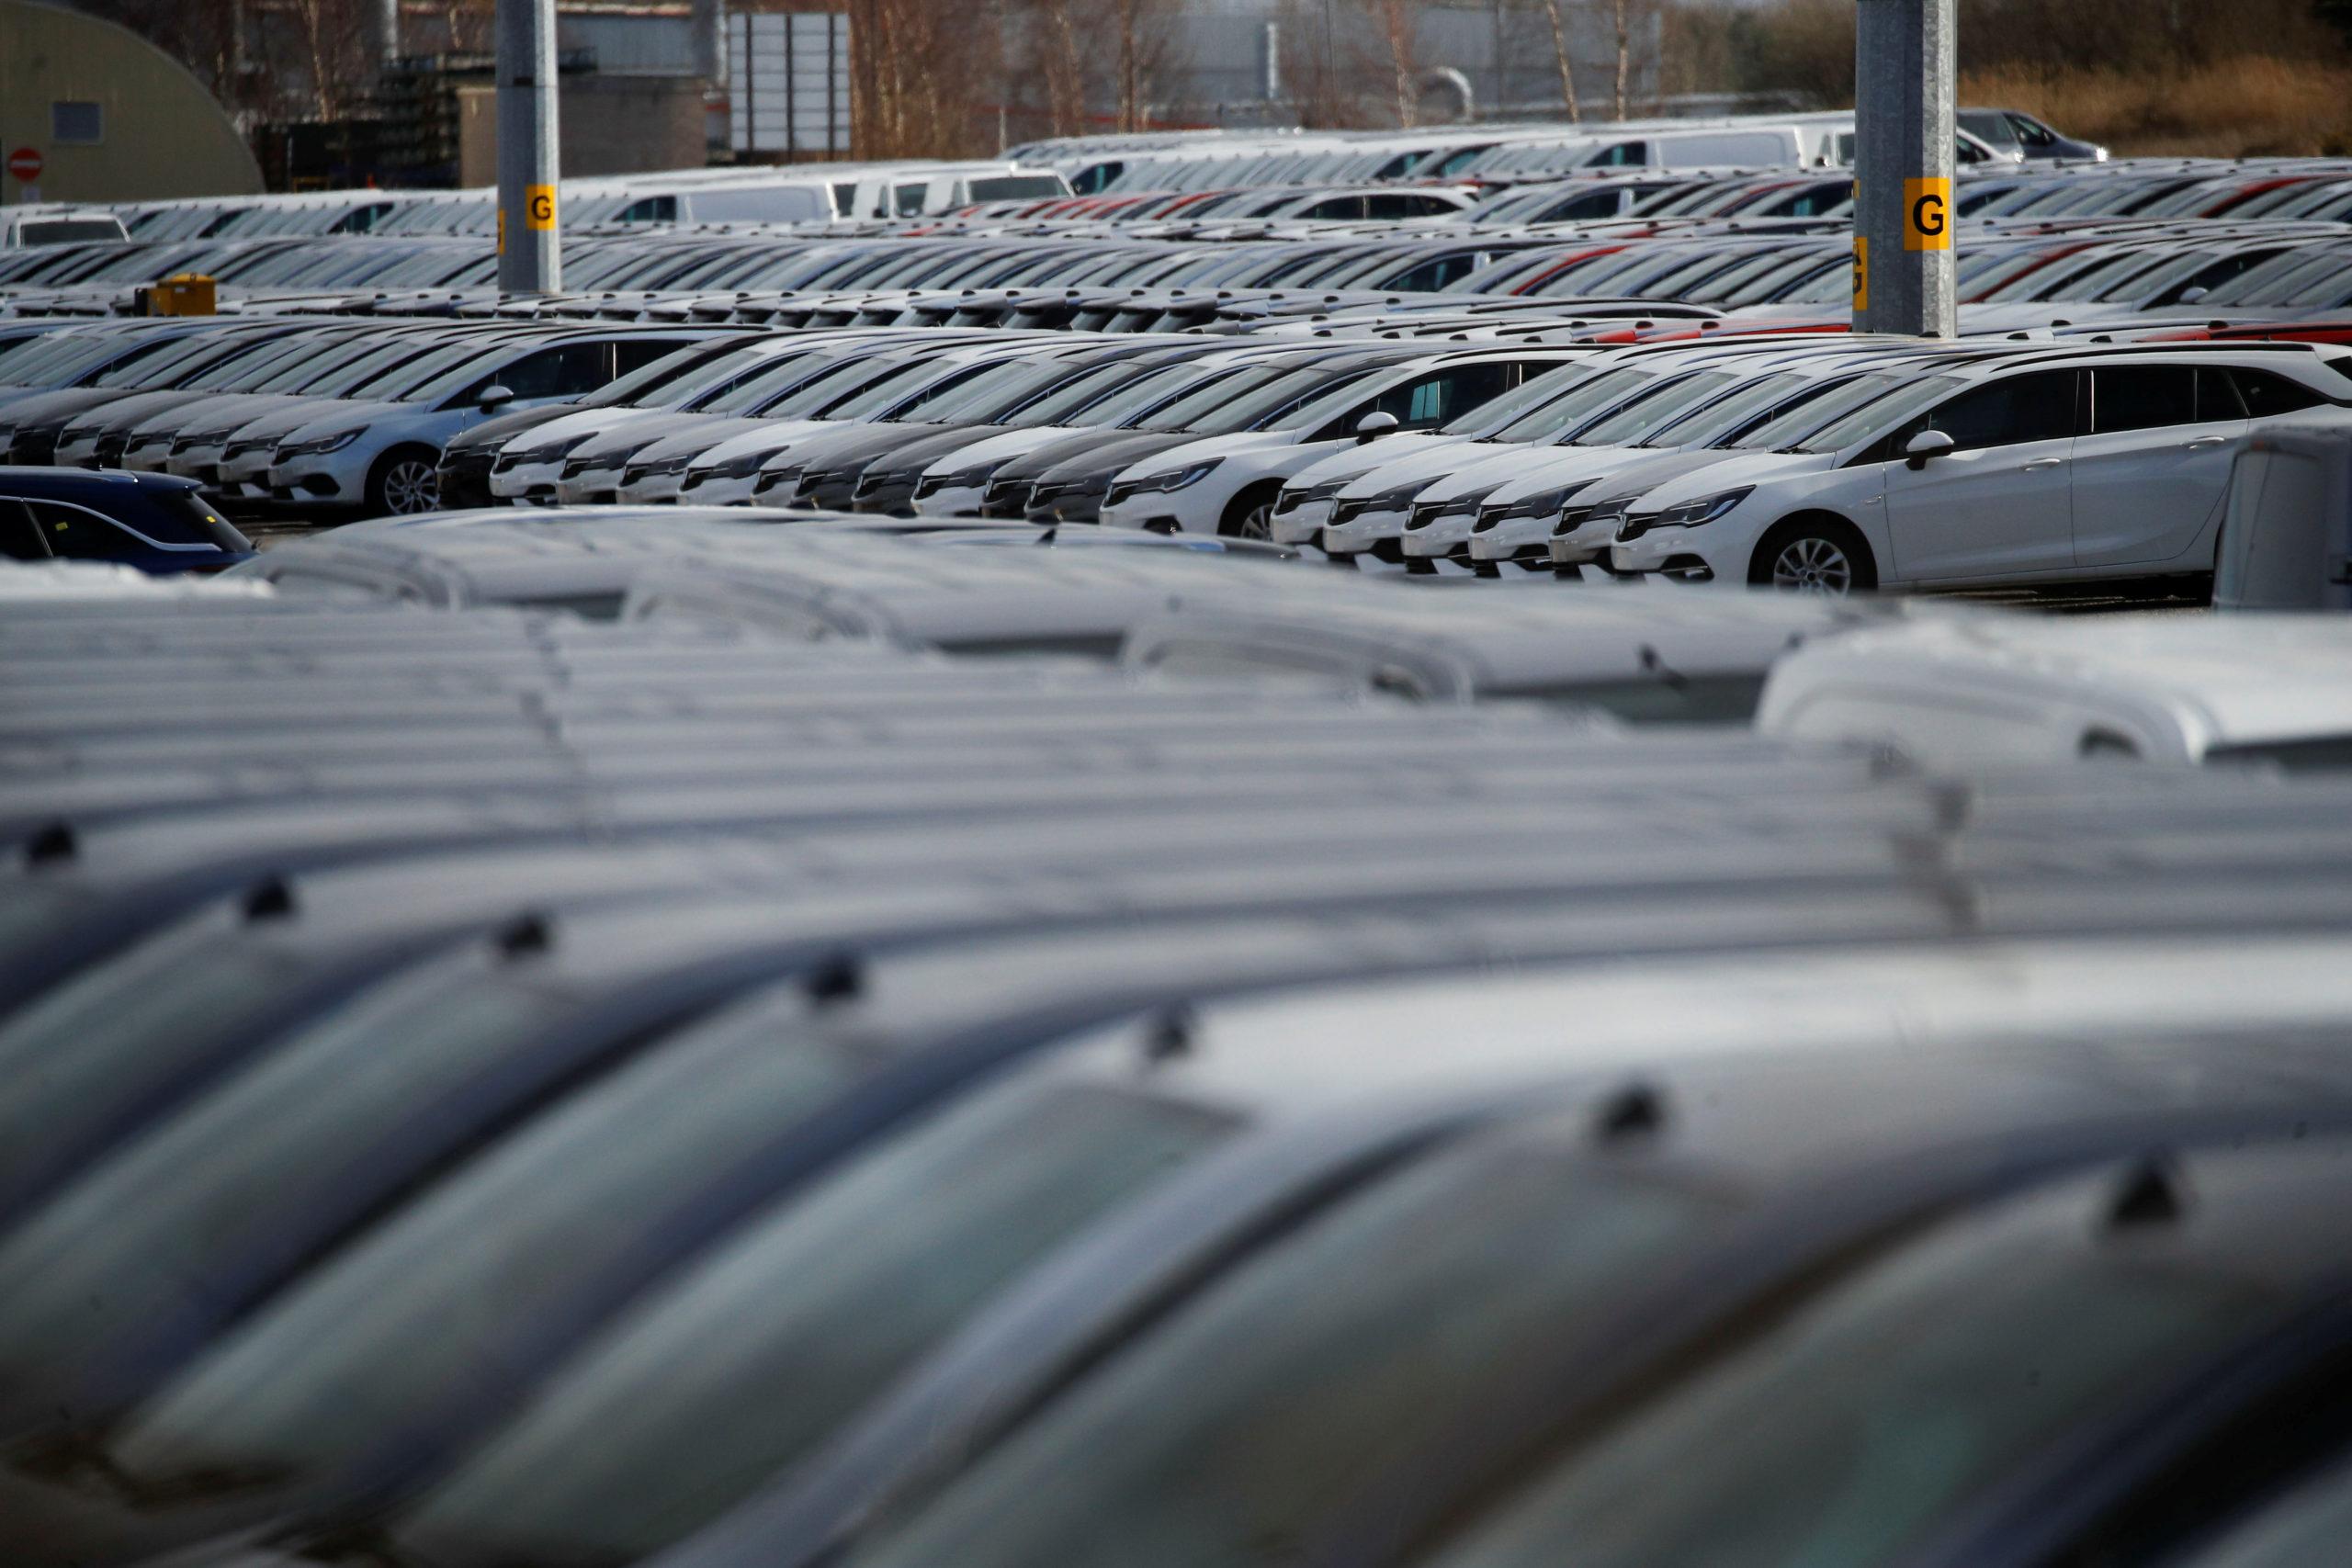 France: Immatriculations de voitures neuves en baisse de 20,95% en février, dit le CCFA